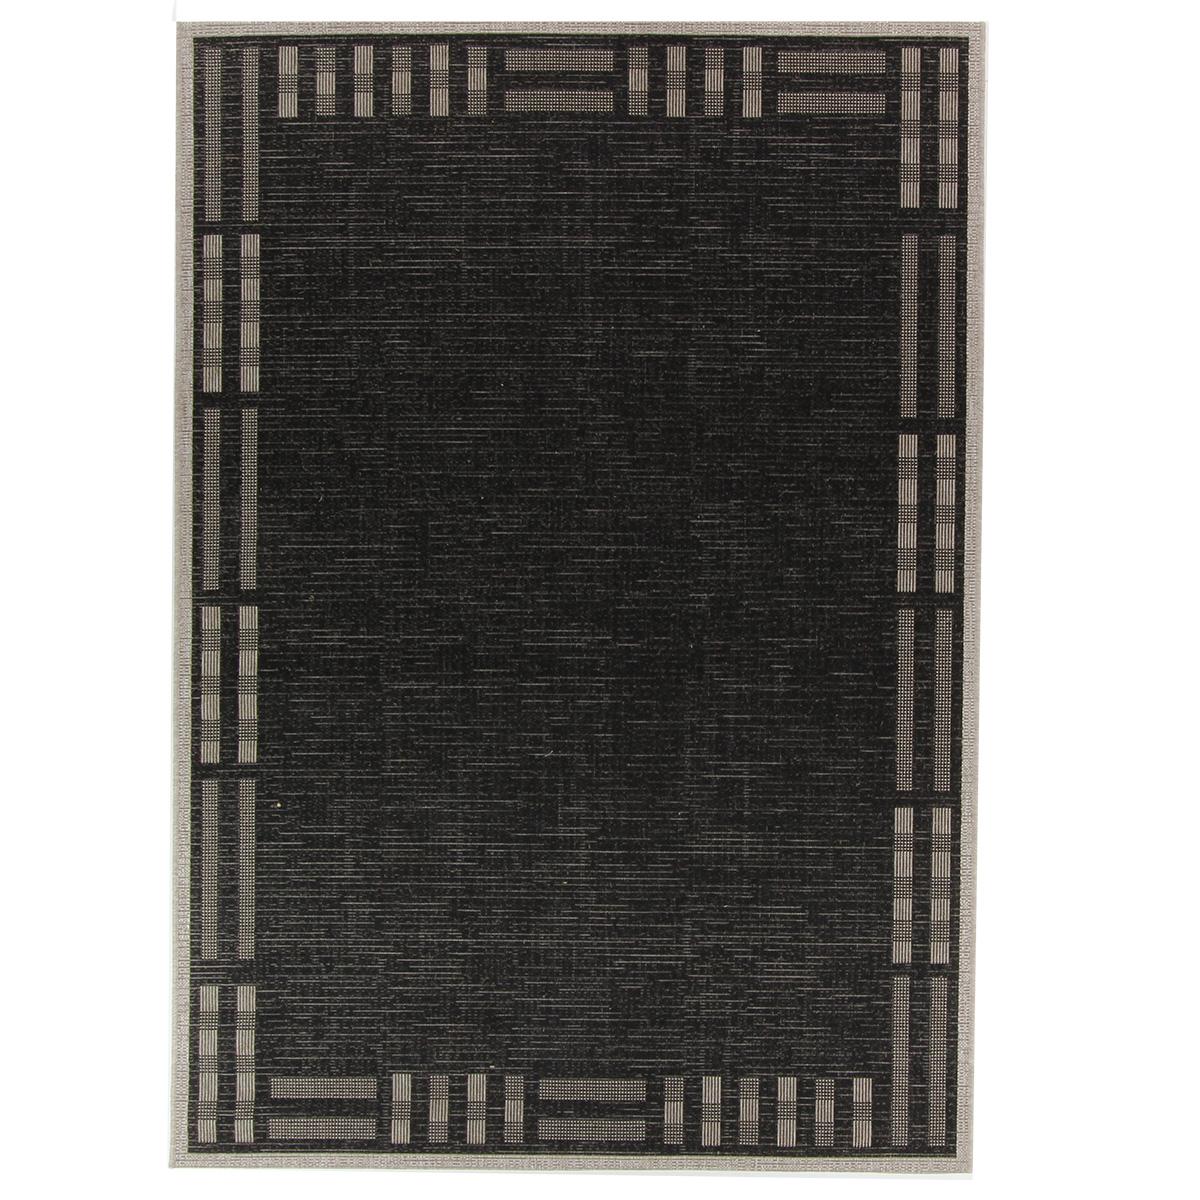 Vloerkleed Brinker Billies Black Silver | 160 x 230 cm